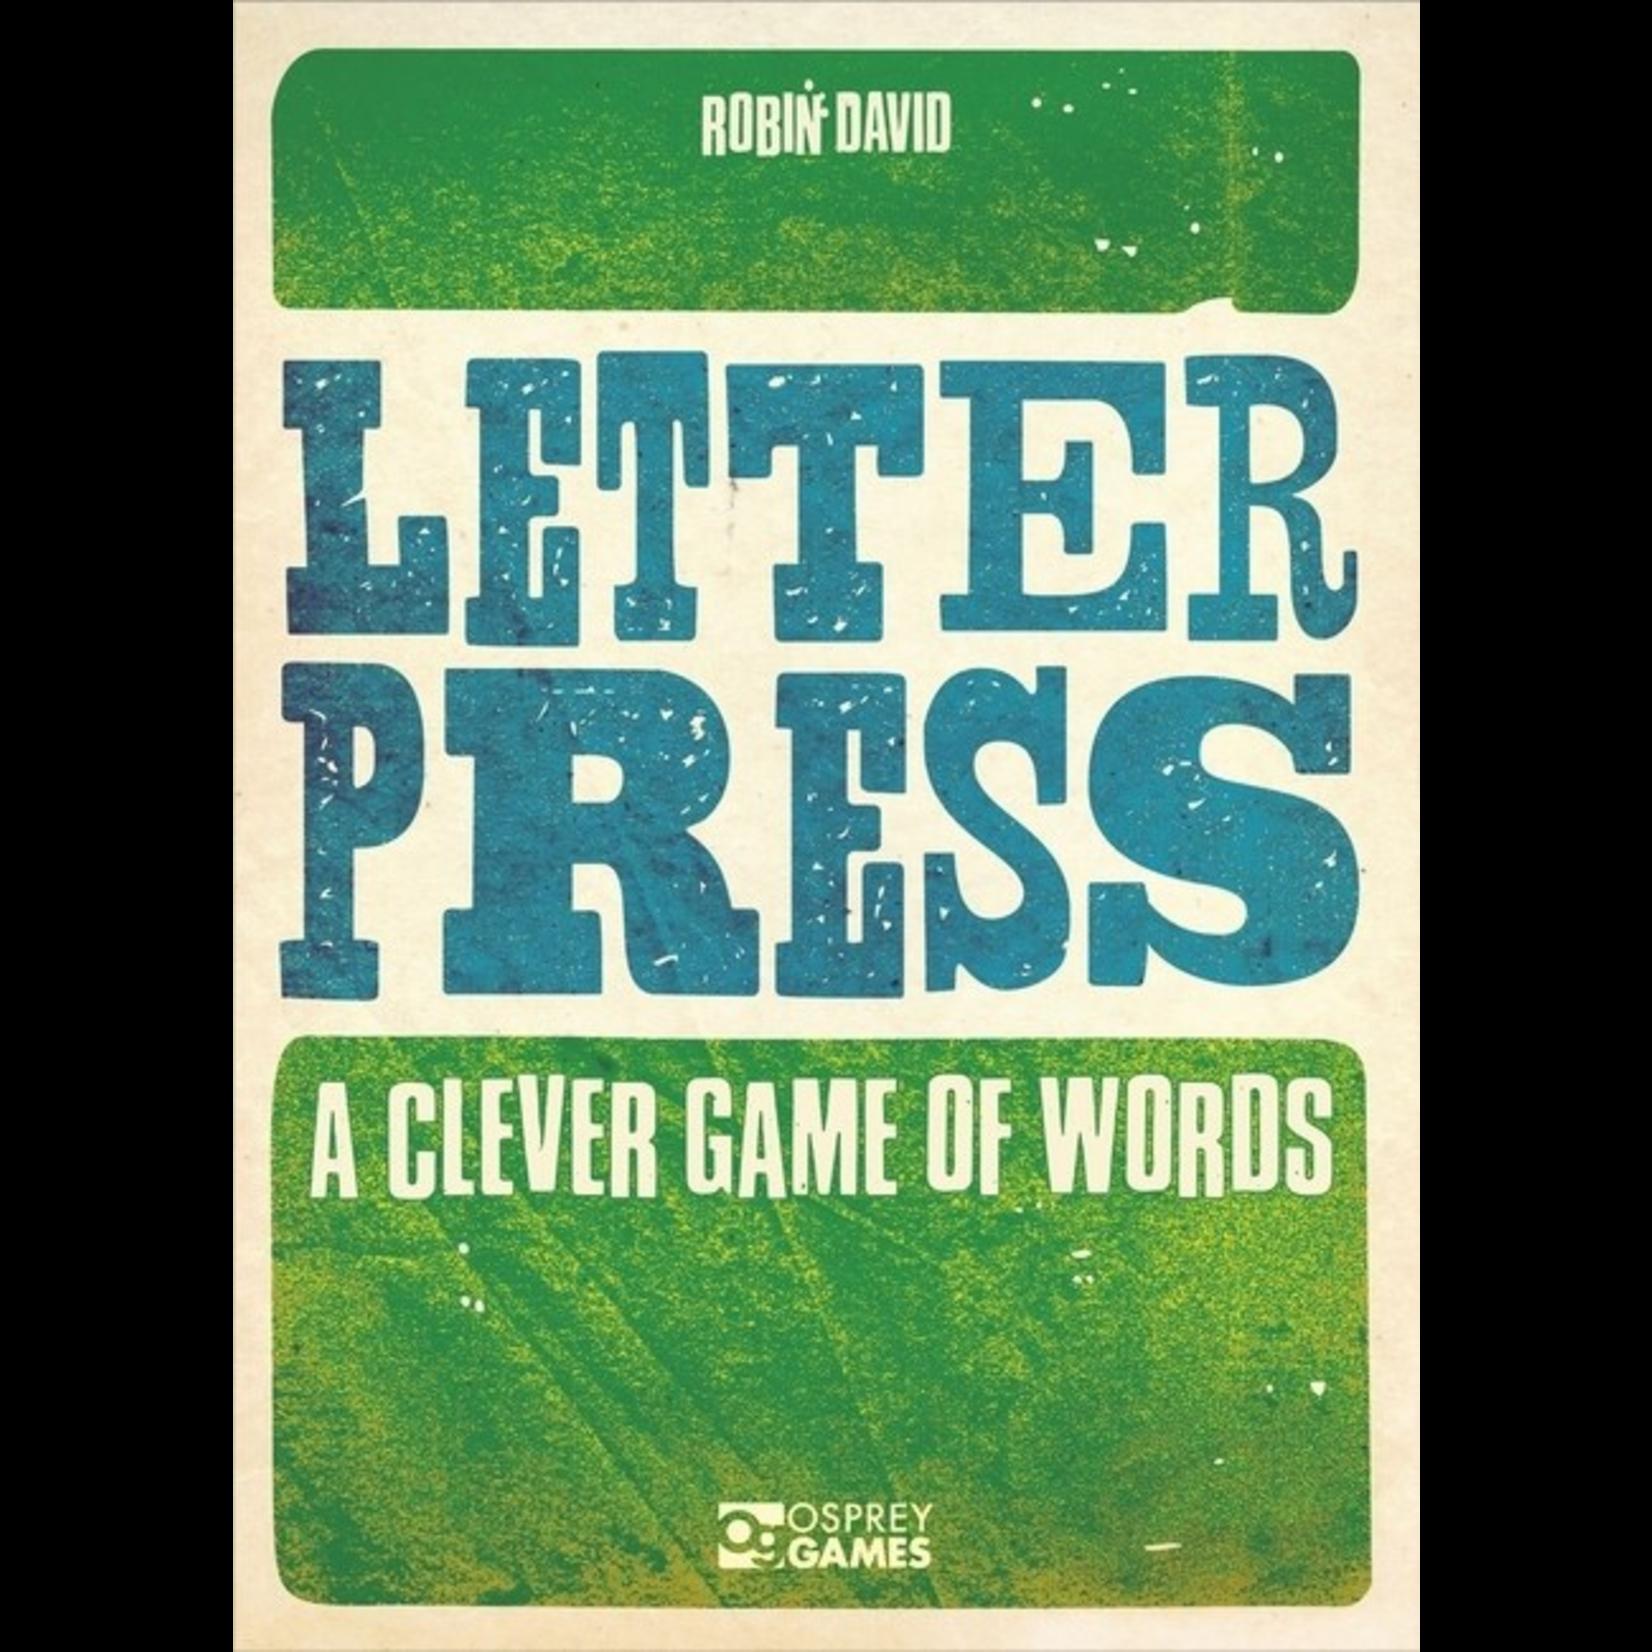 Osprey Letterpress